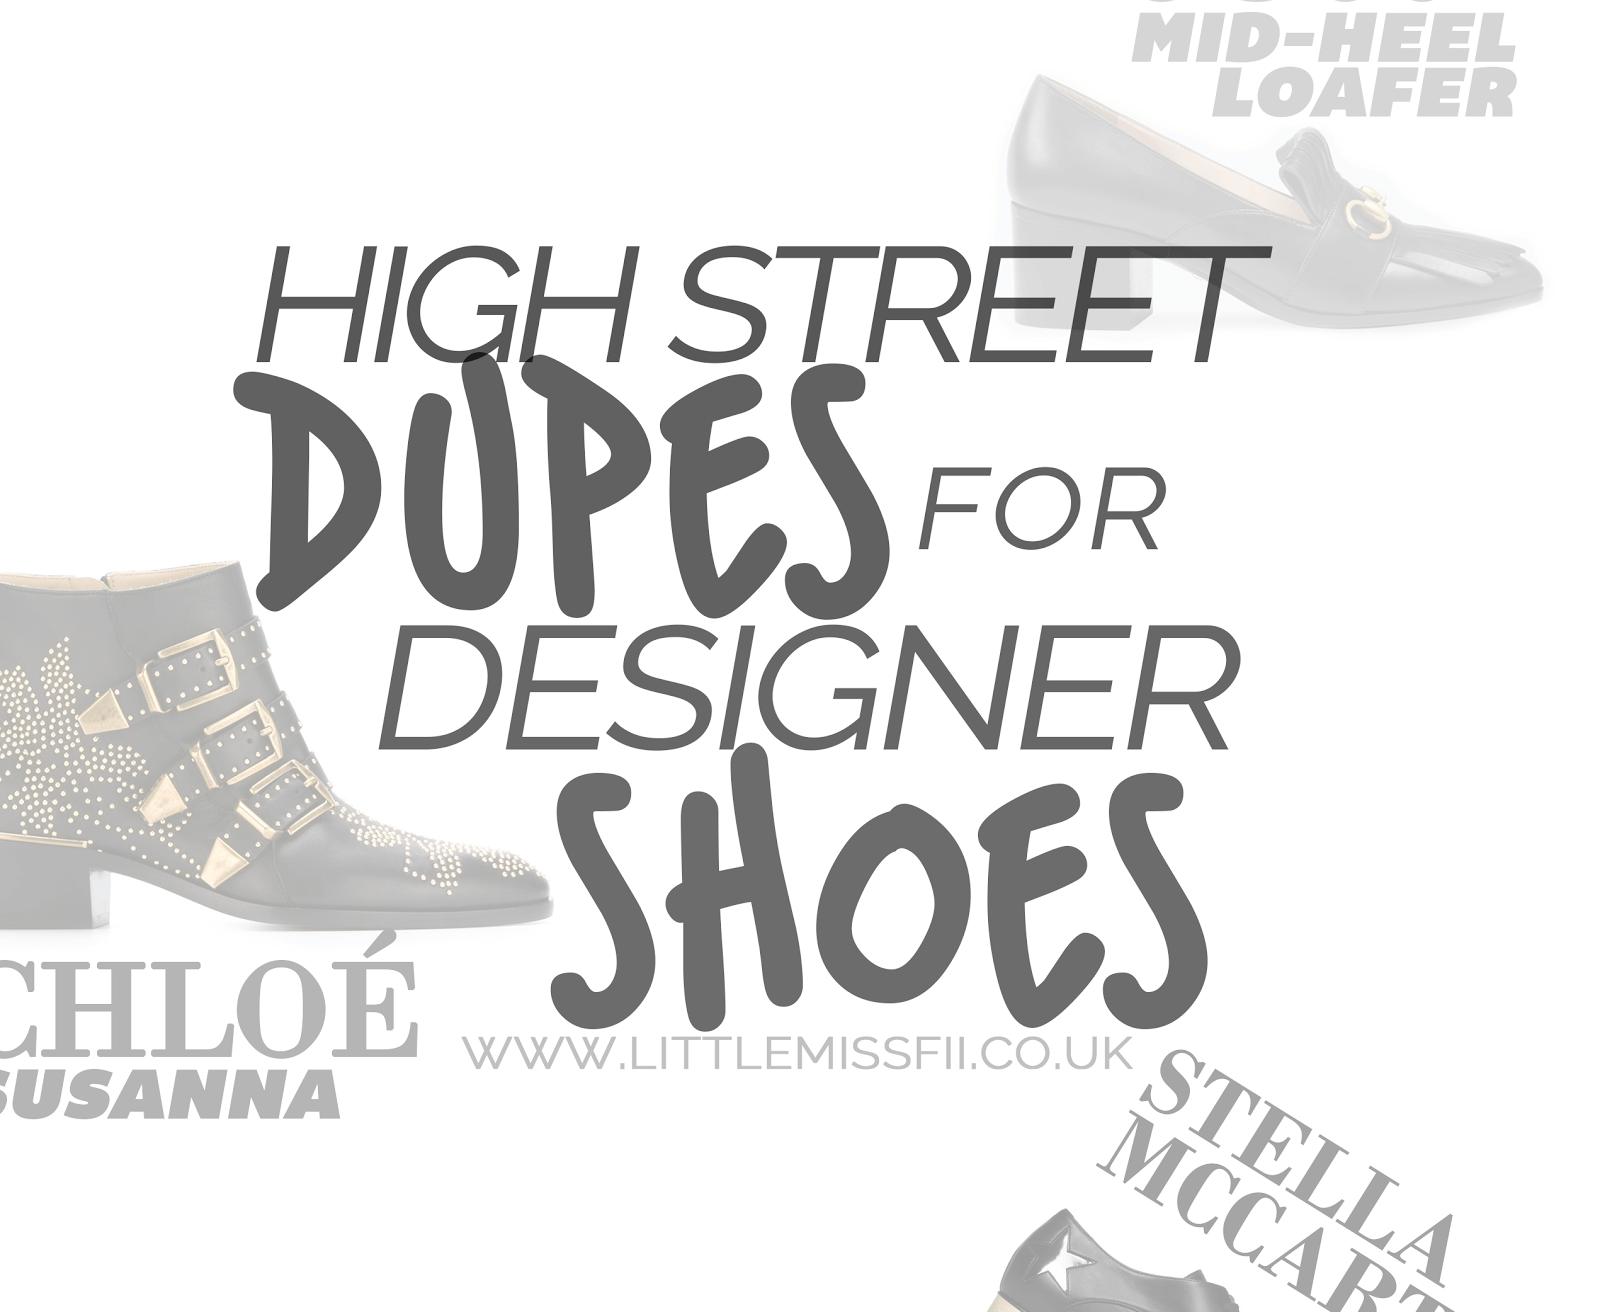 high street dupes for designer shoes